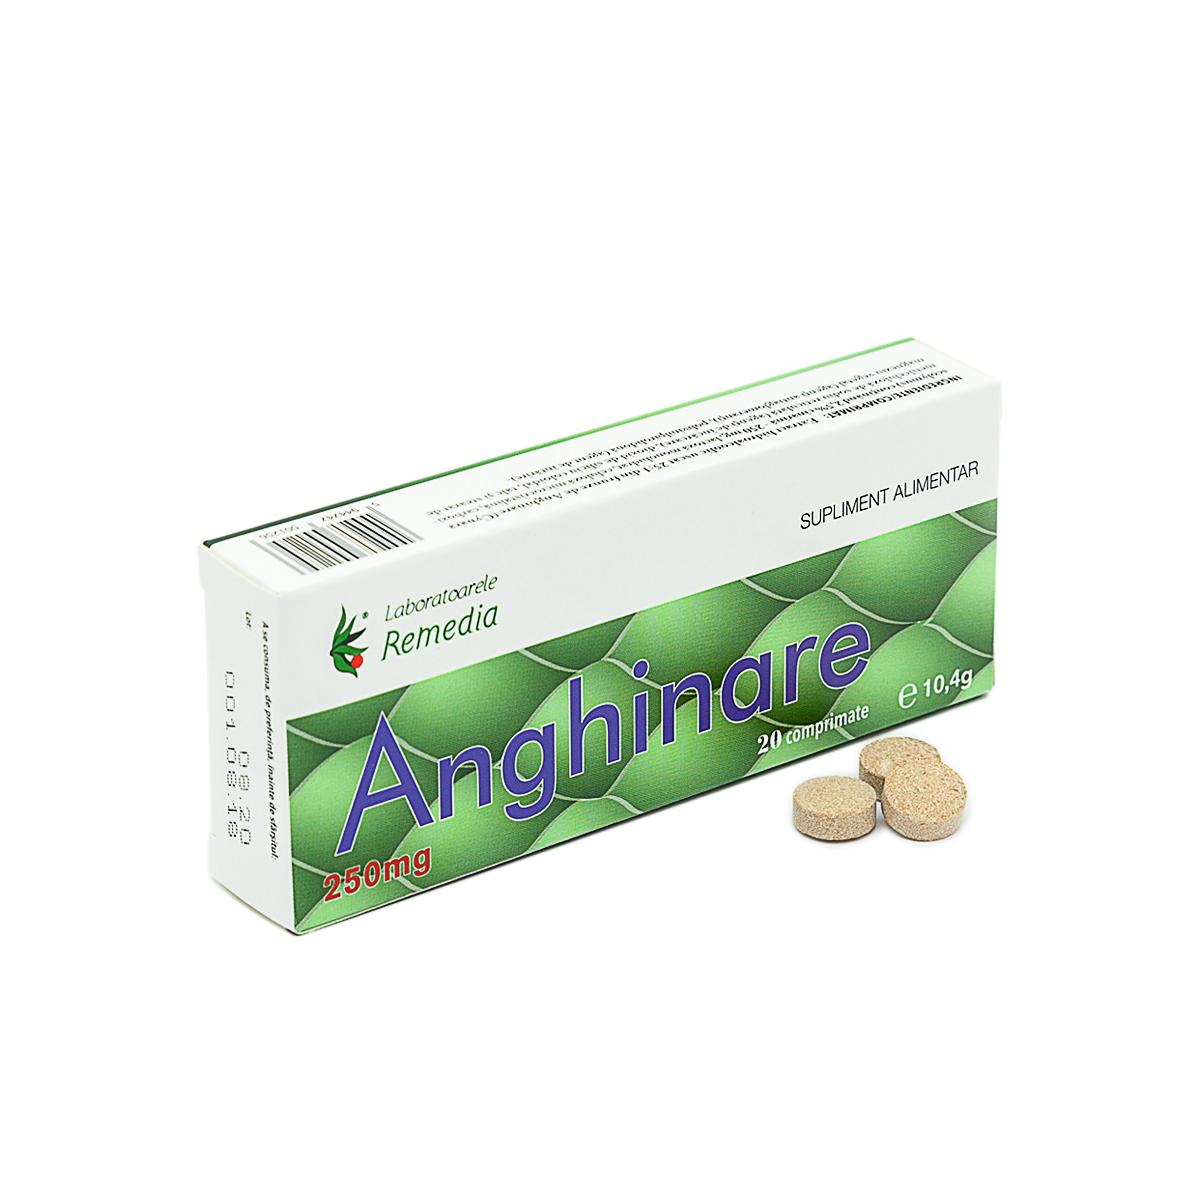 Anghinare 250mg, 20 comprimate, Remedia